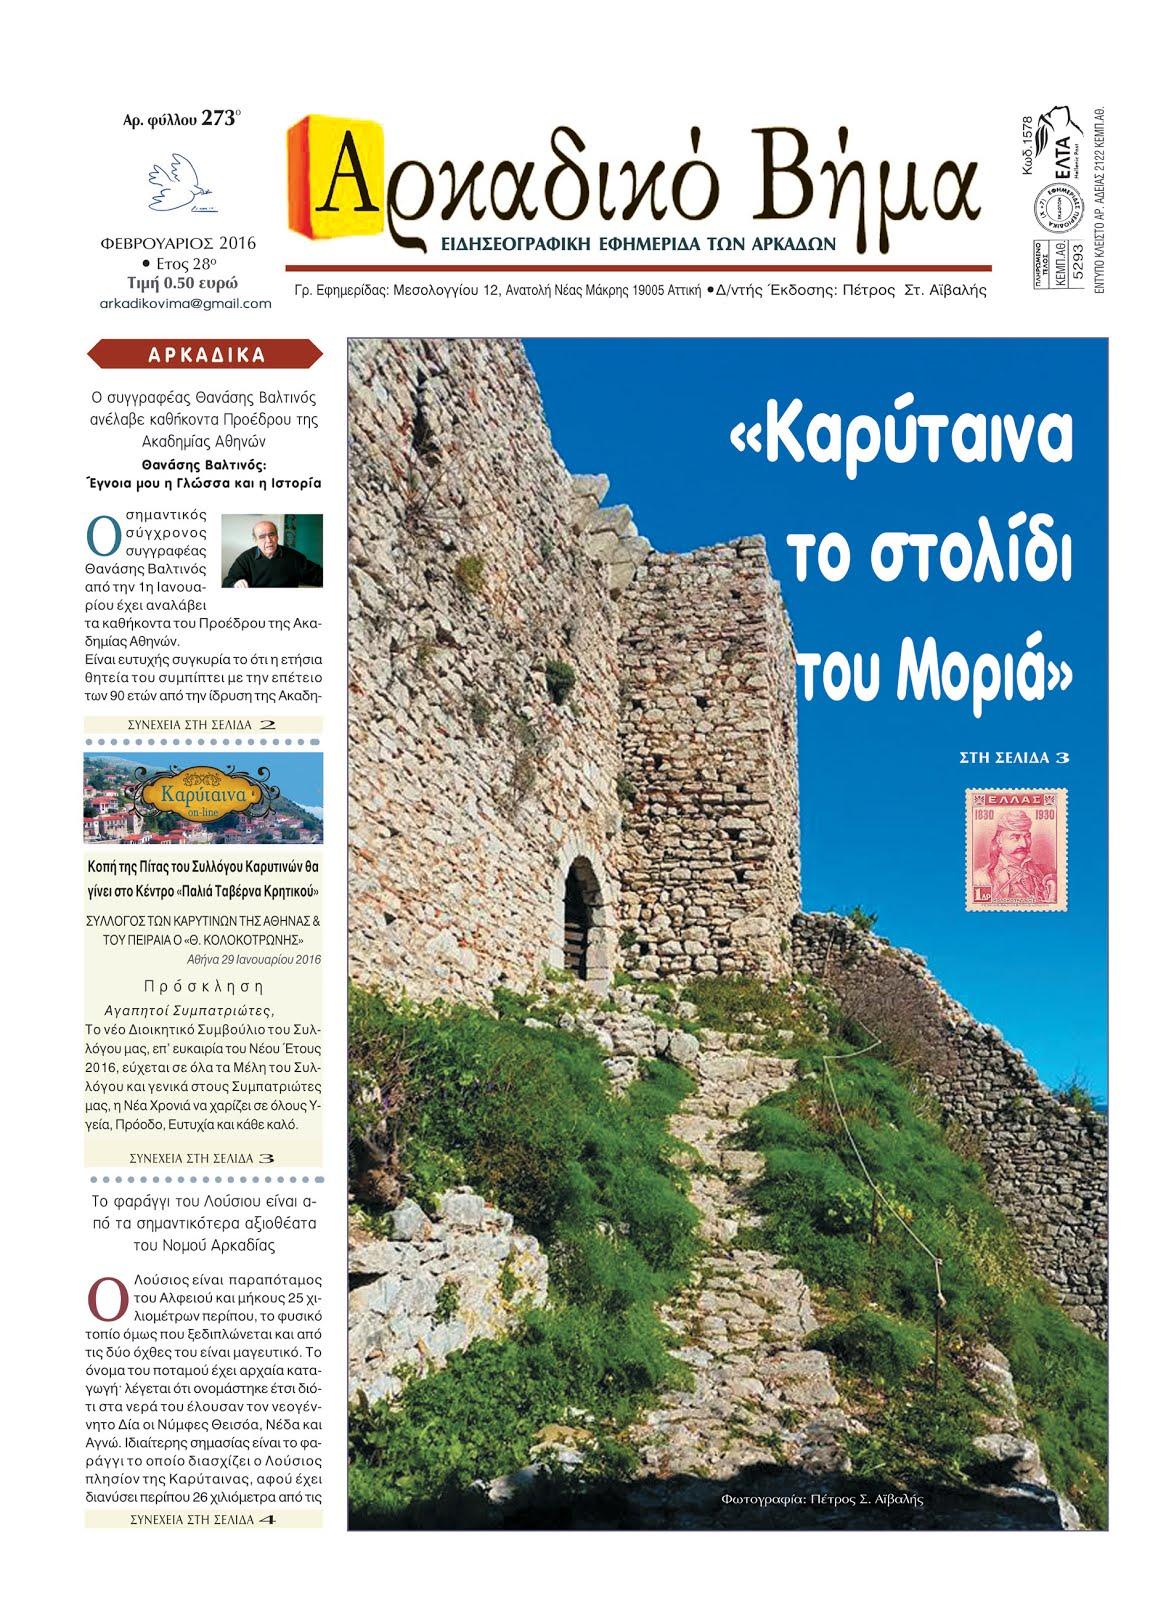 """Ο Σύλλογος Καρυτινών Αθηνών Πειραιώς """"Θ. Κολοκοτρώνης"""""""